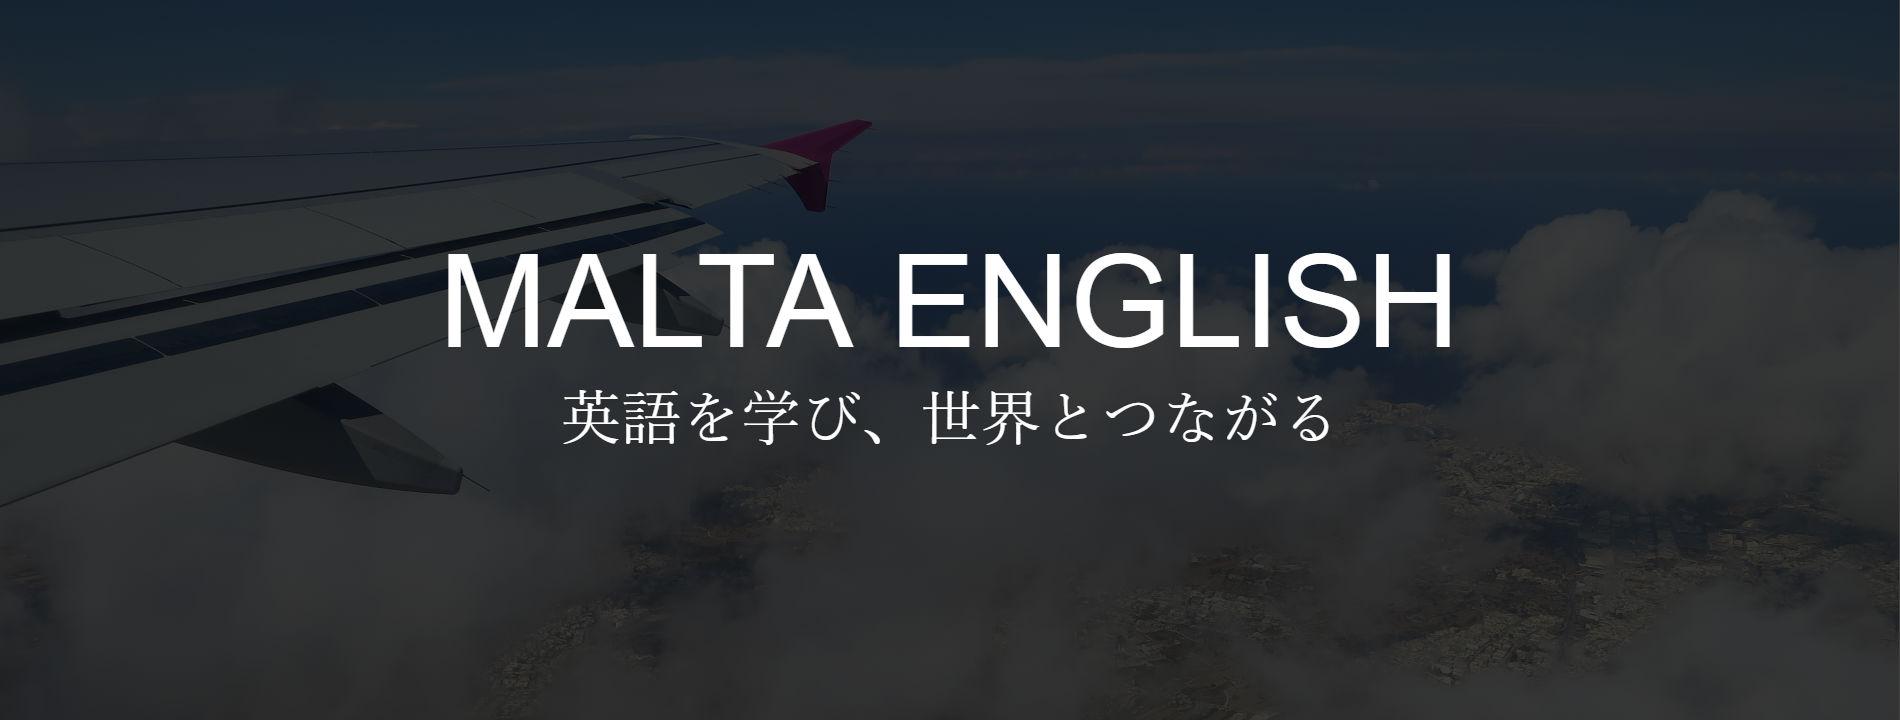 英語を学び、世界とつながる